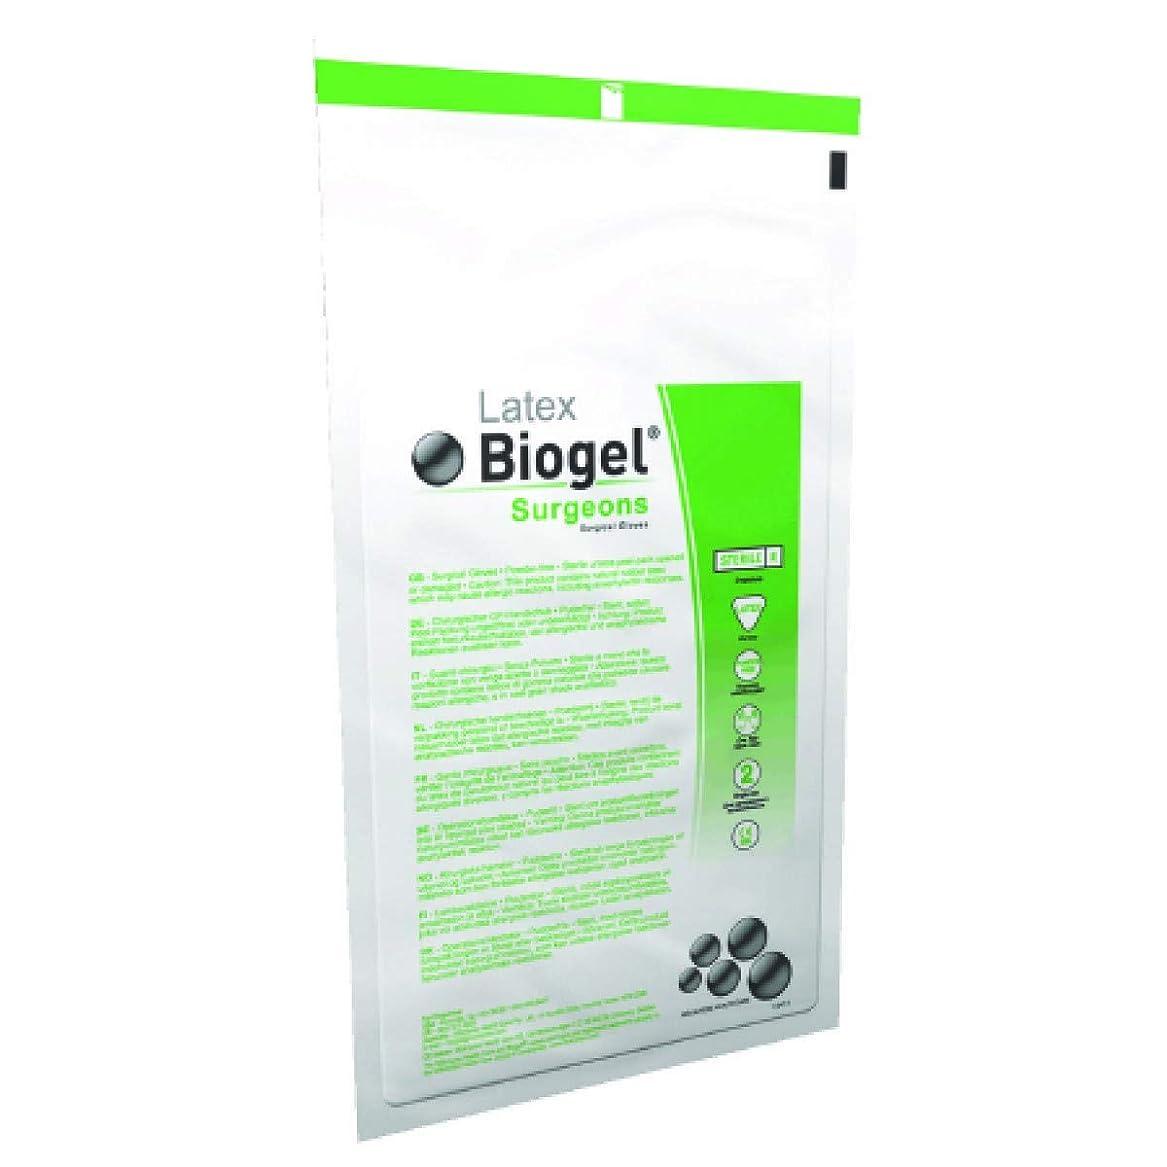 特別なリダクター繕うBiogel Surgeons Gloves - Latex Powder Free - Sterile - 7.0 (50 Pairs) by Biogel